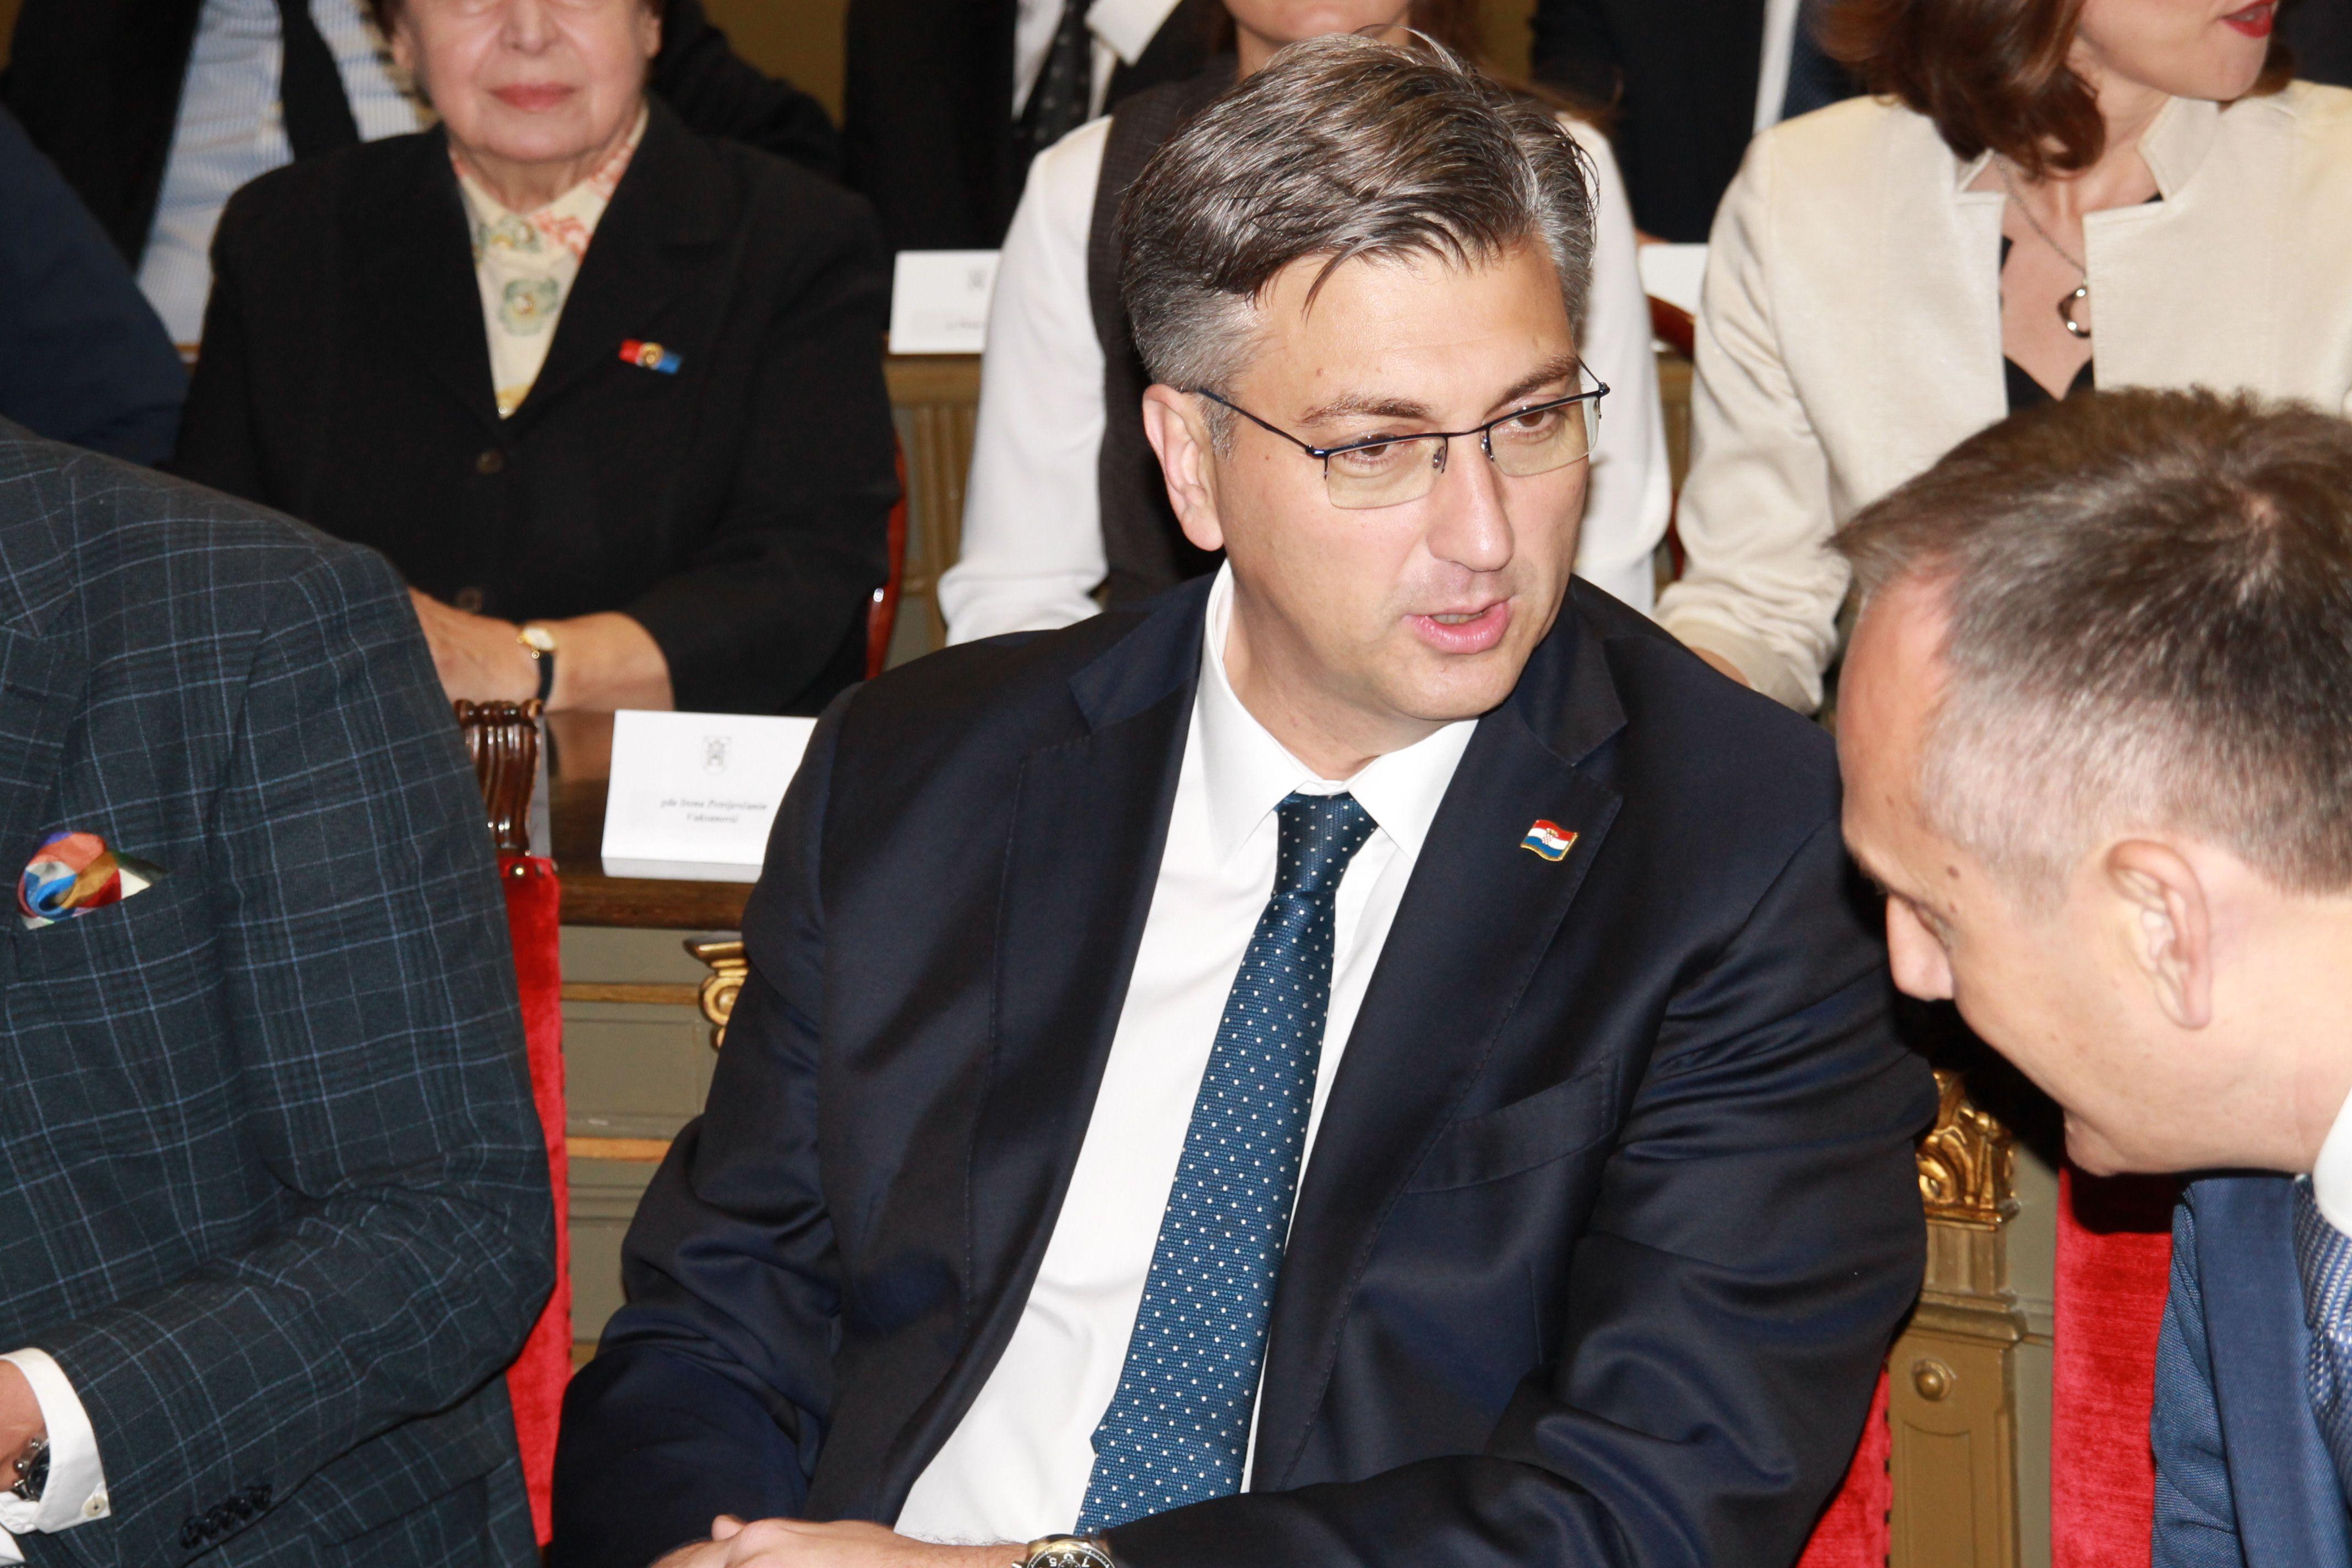 Plenković: Vlada ne vrši pritisak na novinare, to su nebuloze